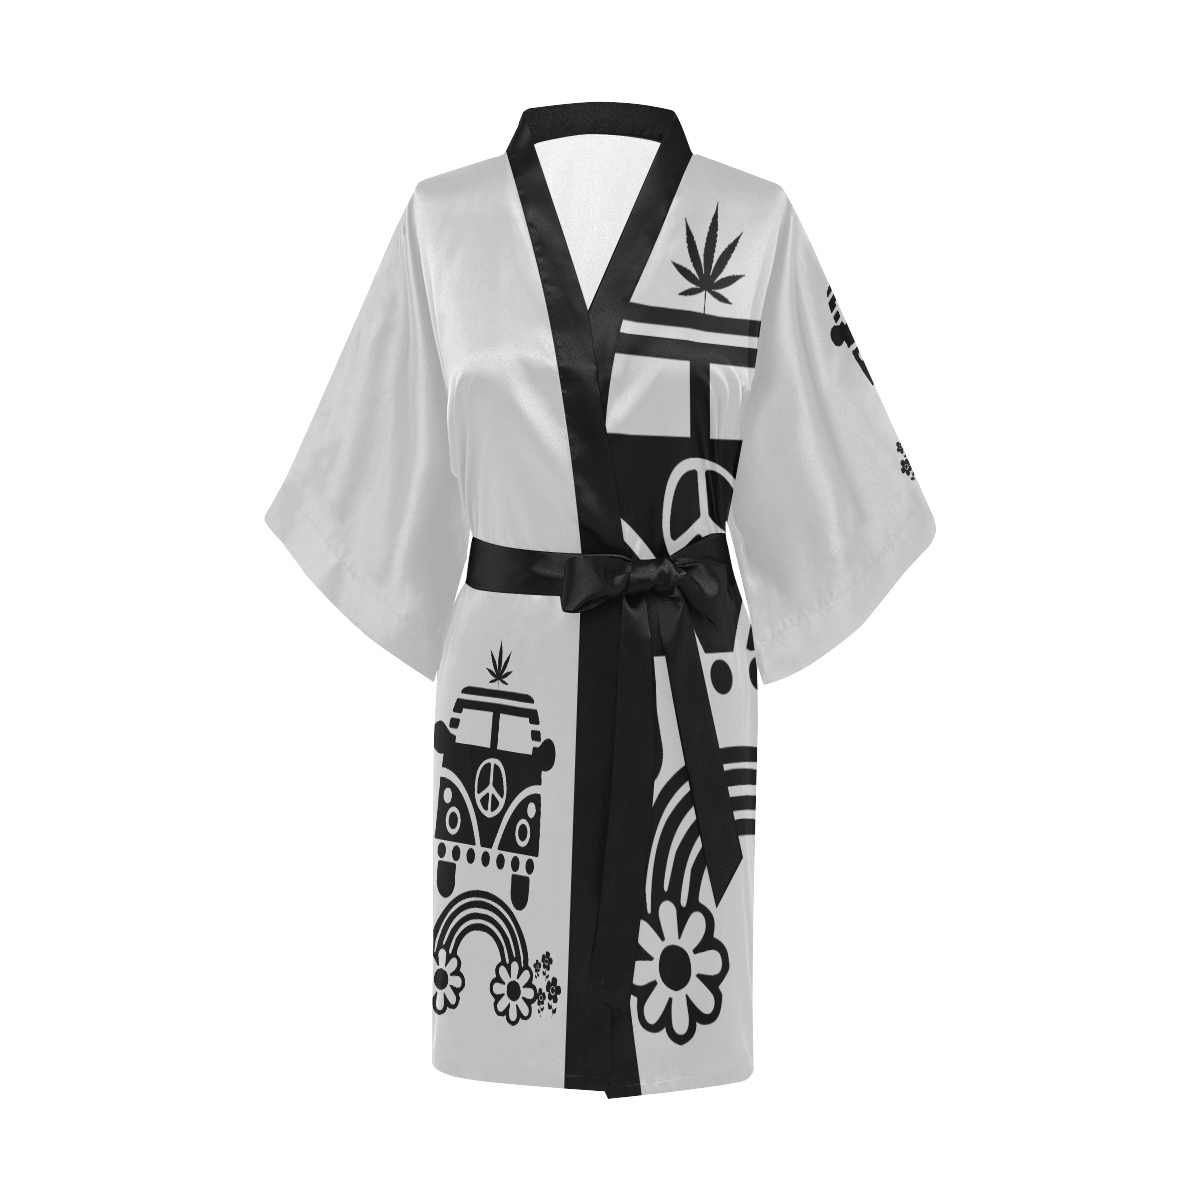 HIPPIE CANNABIS 70s 60s Kimono Robe